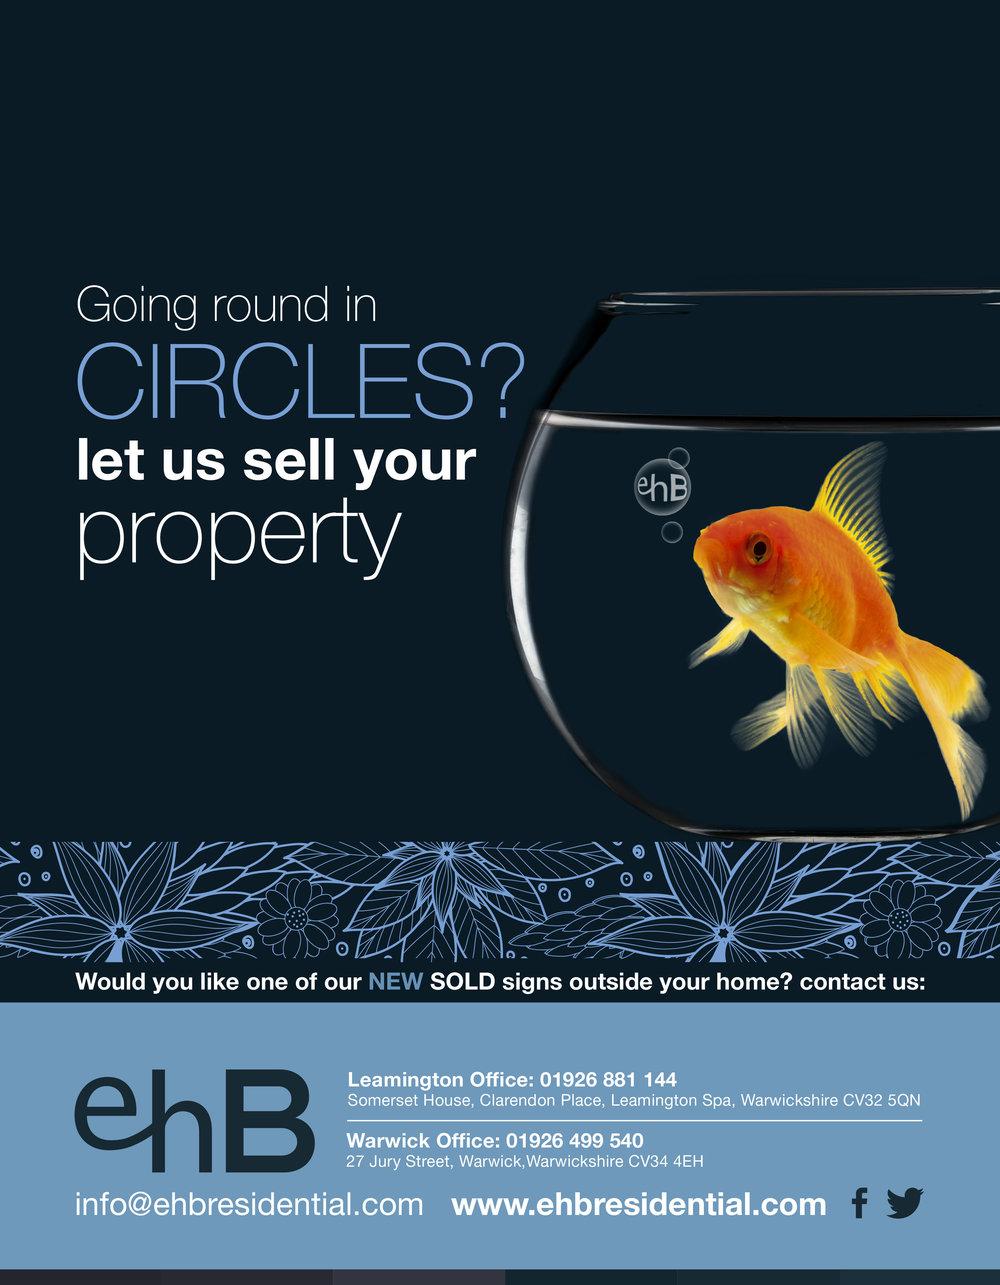 ehb-goldfish.jpg